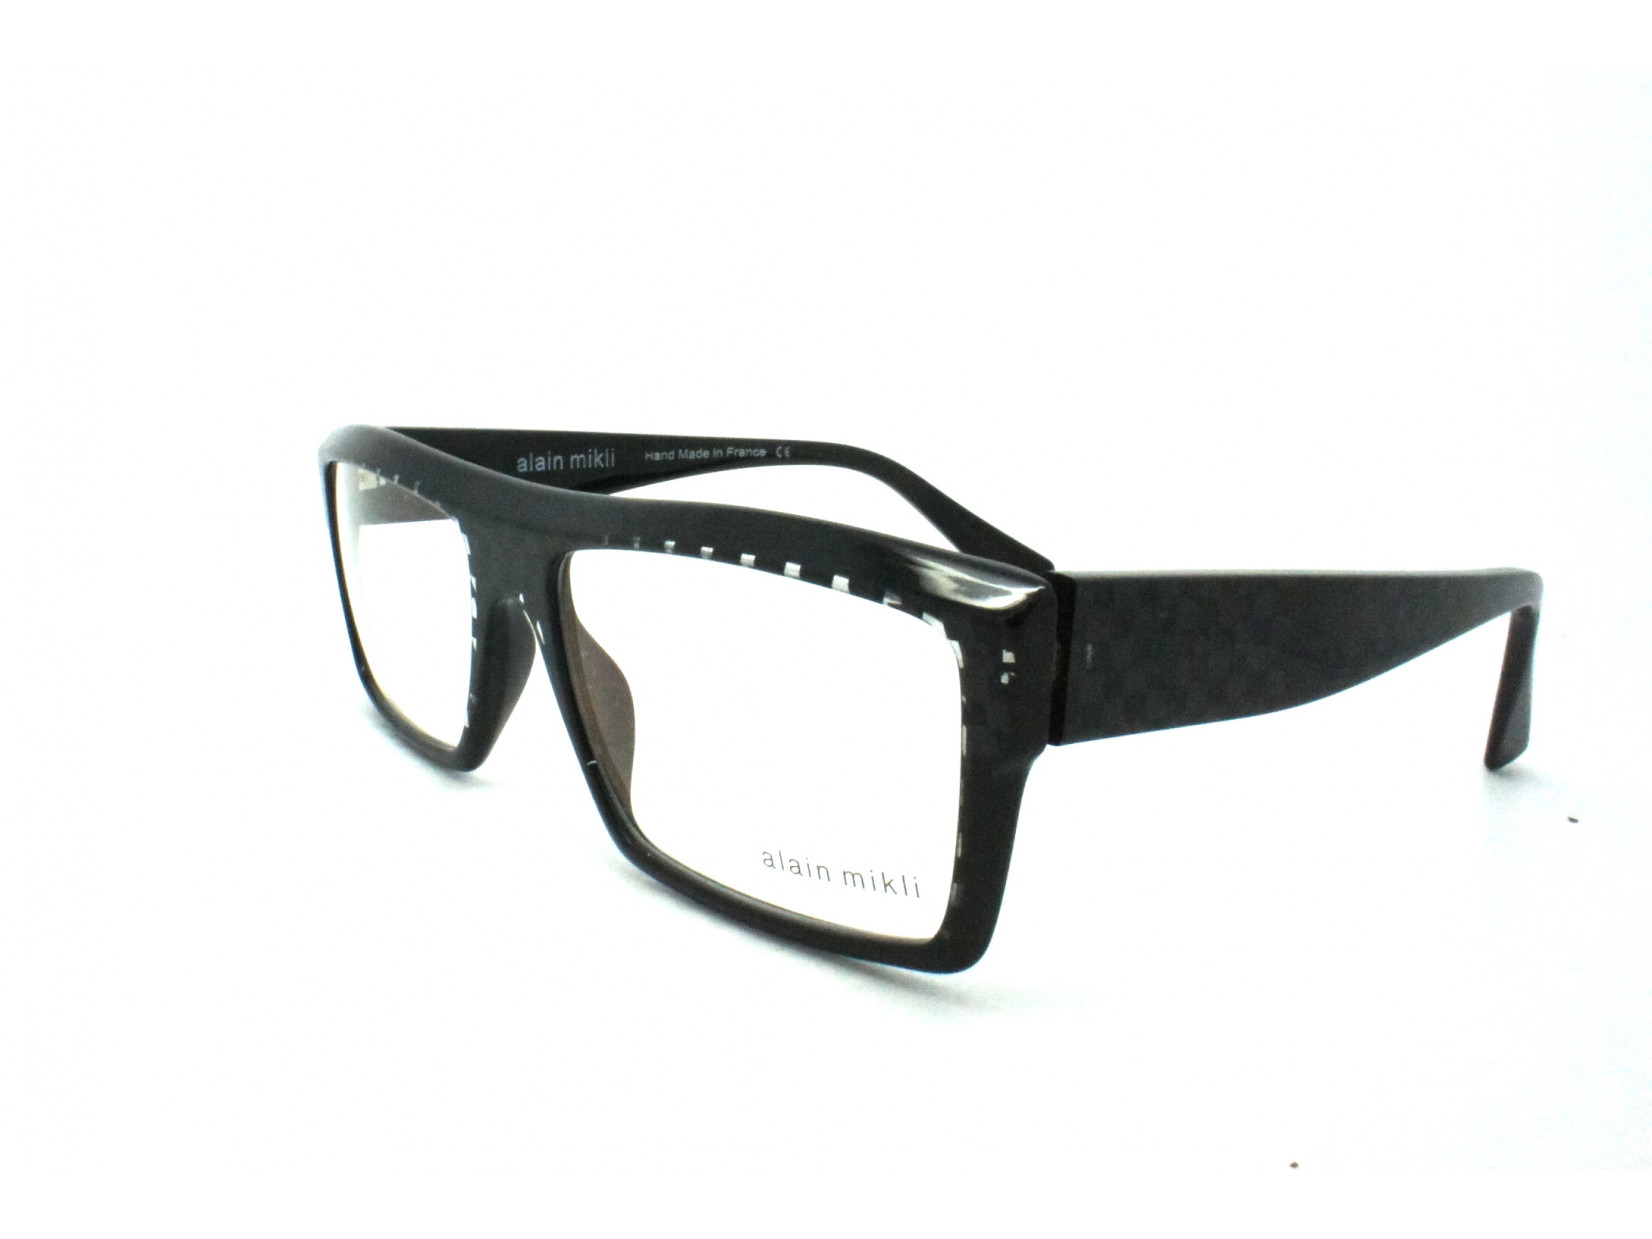 e3fc1cbb77080 Lunettes de vue pour homme ALAIN MIKLI Noir AO 3001 B087